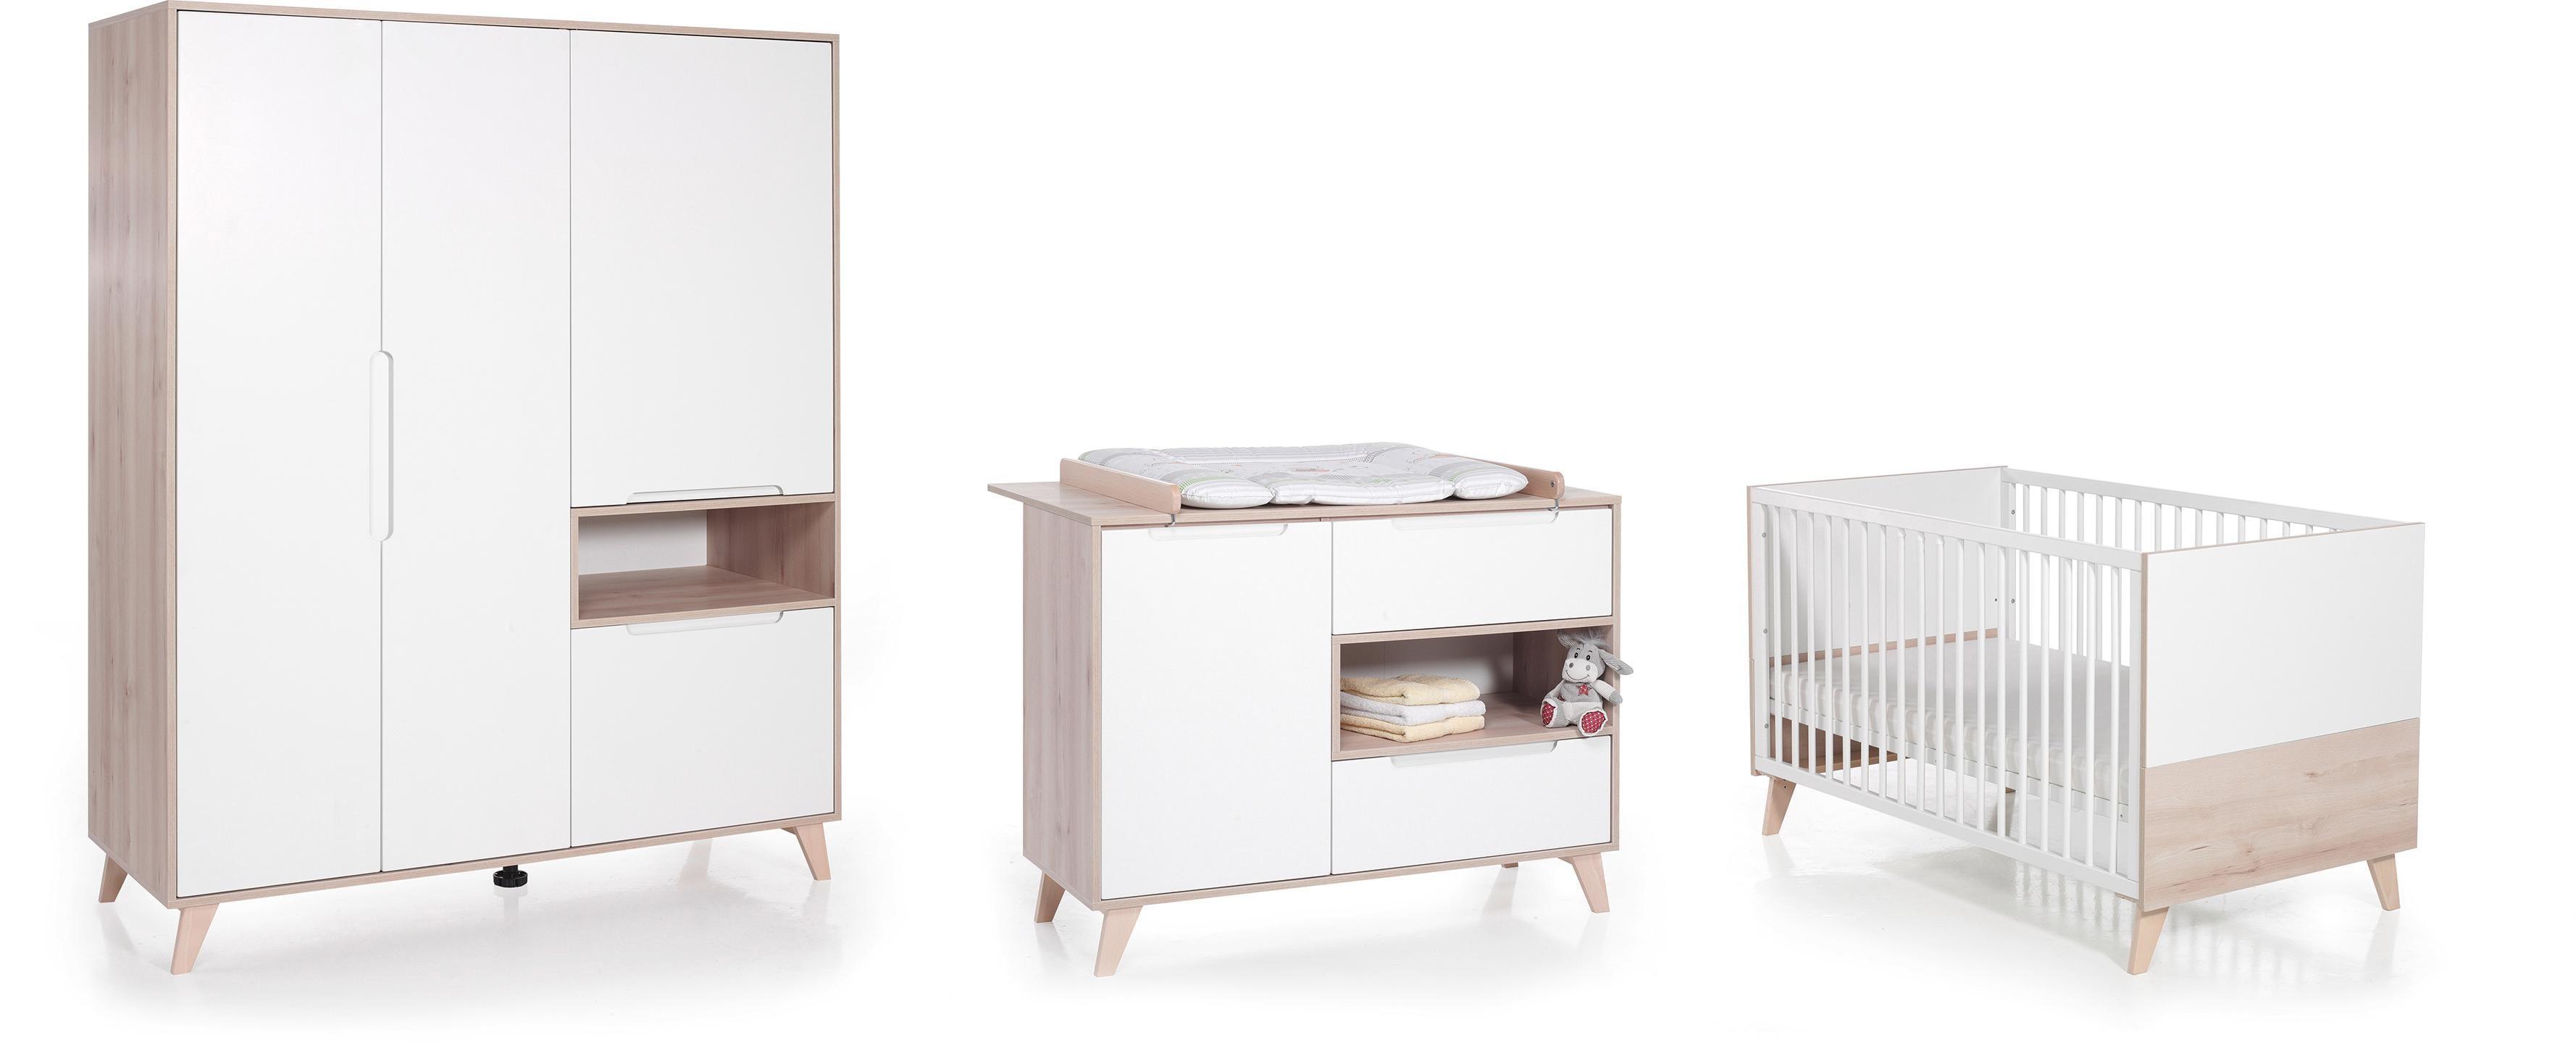 Babyzimmer set buche  hoeffner Komplett-Babyzimmer online kaufen | Möbel-Suchmaschine ...